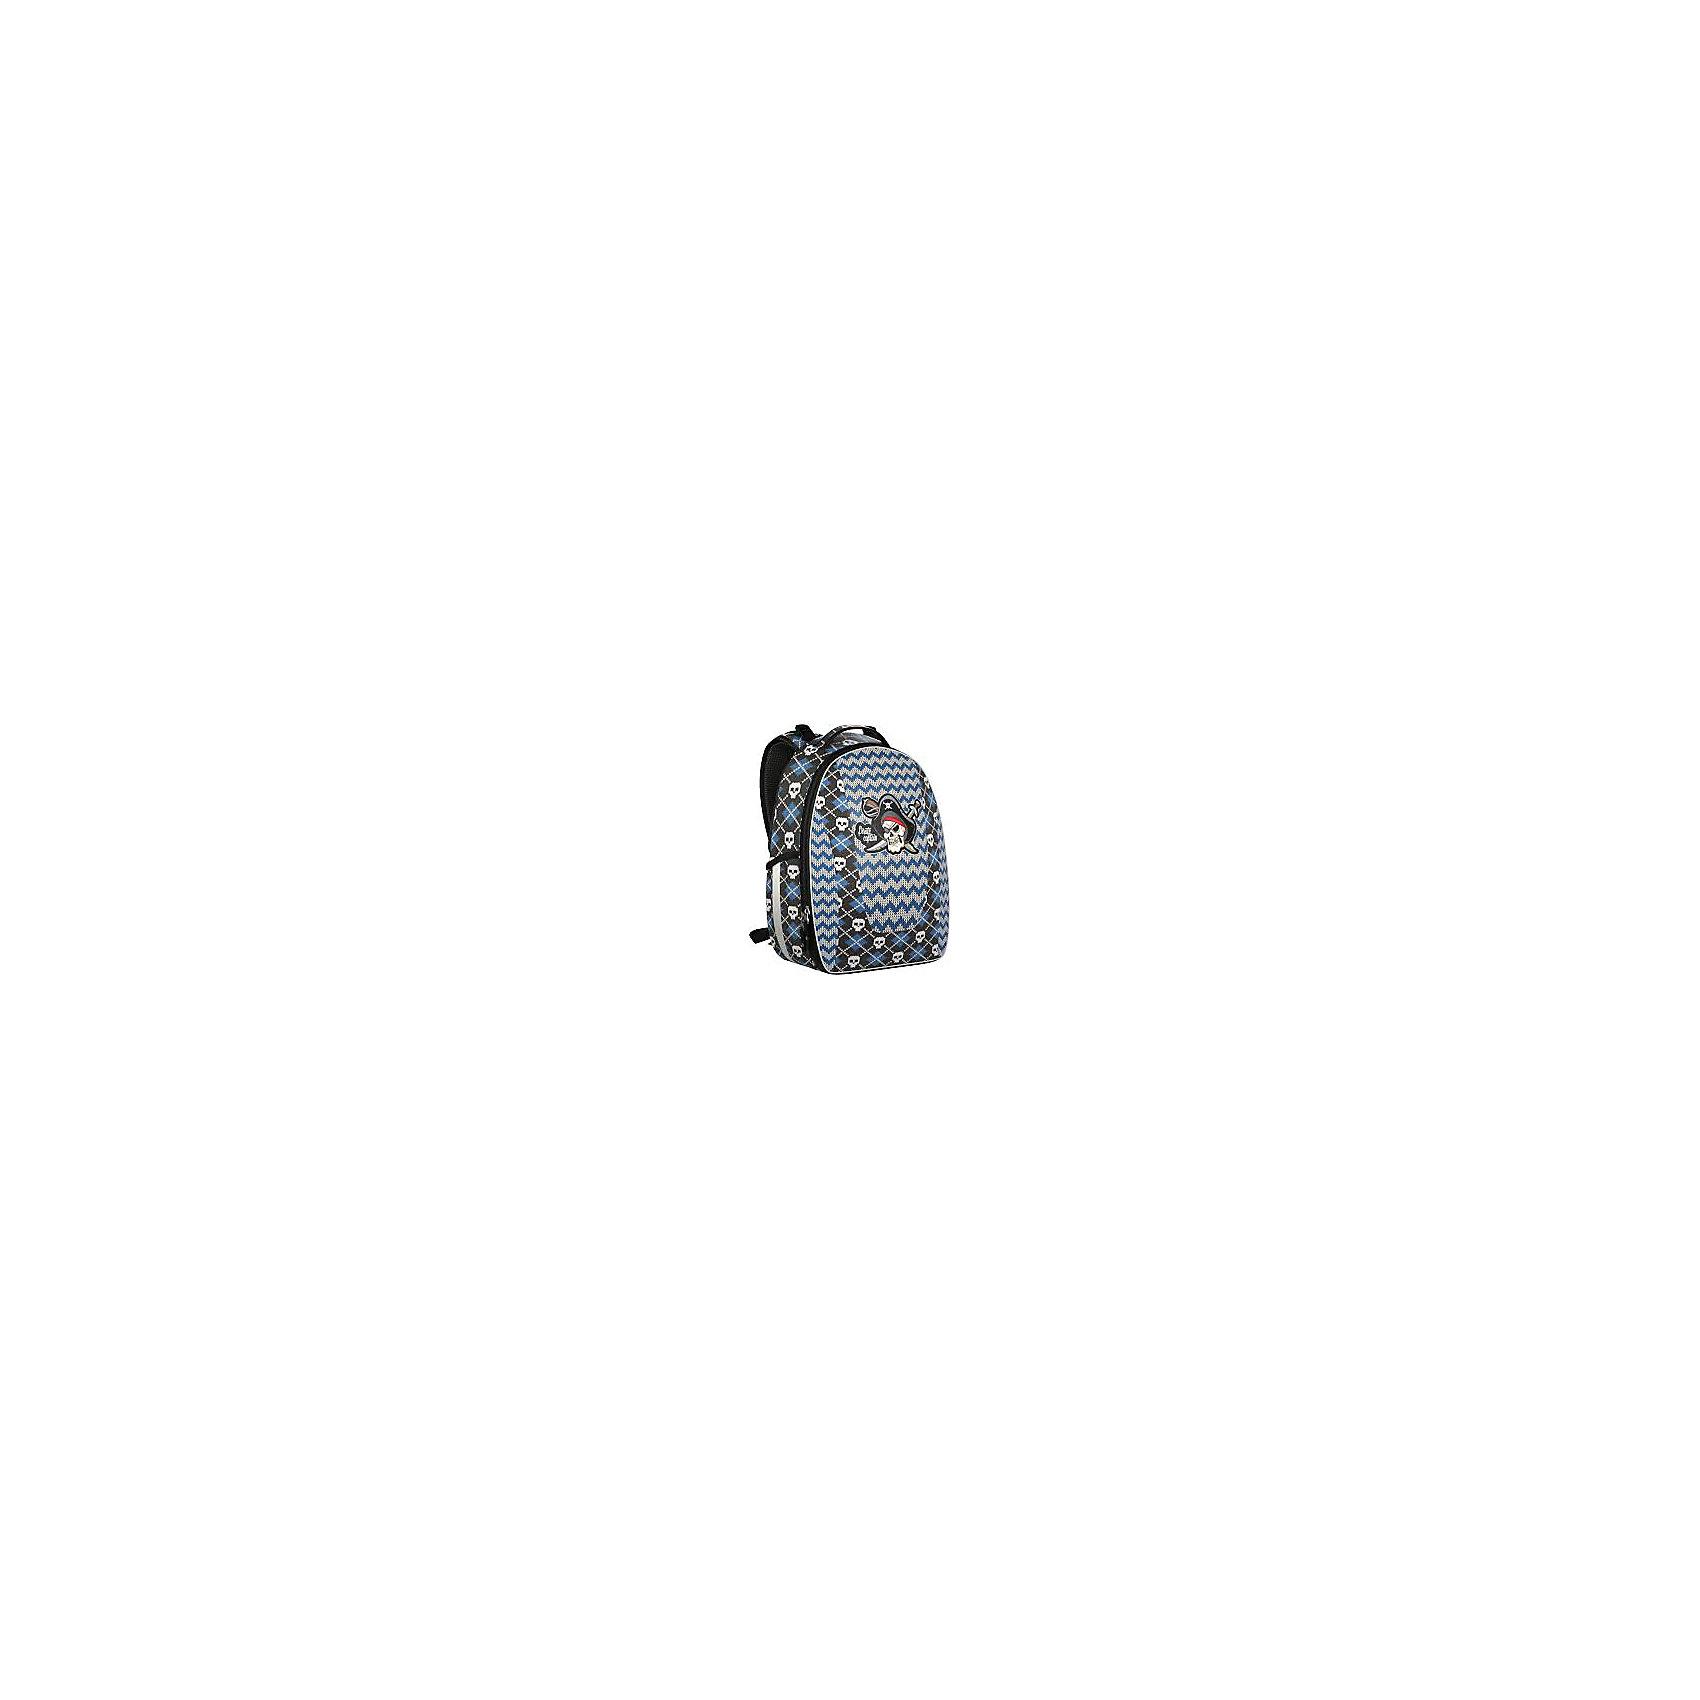 Рюкзак школьный Erich Krause с эргономичной спинкой PiratesРюкзаки<br>Характеристики товара:<br><br>• серия: Multi Pack mini<br>• коллекция: Pirates<br>• для средней школы<br>• цвет: синий, серый<br>• материал: полиэстер, пластик<br>• светоотражатели<br>• спинка с уплотнителем и MESH-сеткой<br>• размер изделия: 27х17х36 см<br>• вес в кг: 650гр<br>• страна бренда: Германия<br>• страна изготовитель: Китай<br><br>Рюкзак ErichKrause Multi Pack mini имеет каркасную конструкцию, которая защищает содержимое рюкзака от повреждений. <br><br>Рюкзак разделен на 2 отделения, в которые помещаются альбомы и папки формата А4. Внутри имеются разделители для тетрадей, органайзер для канцелярских принадлежностей и небольшой кармашек. Спереди один большой карман на молнии, по бокам 2 кармашка для мелочей.<br><br>Твердая ортопедическая спинка повторяет изгиб позвоночника, делая максимально комфортным ношение рюкзака. Мягкие подушечки обеспечивают плотное прилегание, а воздухопроницаемый материал обеспечивает циркуляцию воздуха.<br><br>Erich Krause Рюкзак школьный с эргономичной спинкой Pirates можно купить в нашем интернет-магазине.<br><br>Ширина мм: 360<br>Глубина мм: 270<br>Высота мм: 200<br>Вес г: 1117<br>Возраст от месяцев: 72<br>Возраст до месяцев: 96<br>Пол: Мужской<br>Возраст: Детский<br>SKU: 6842764